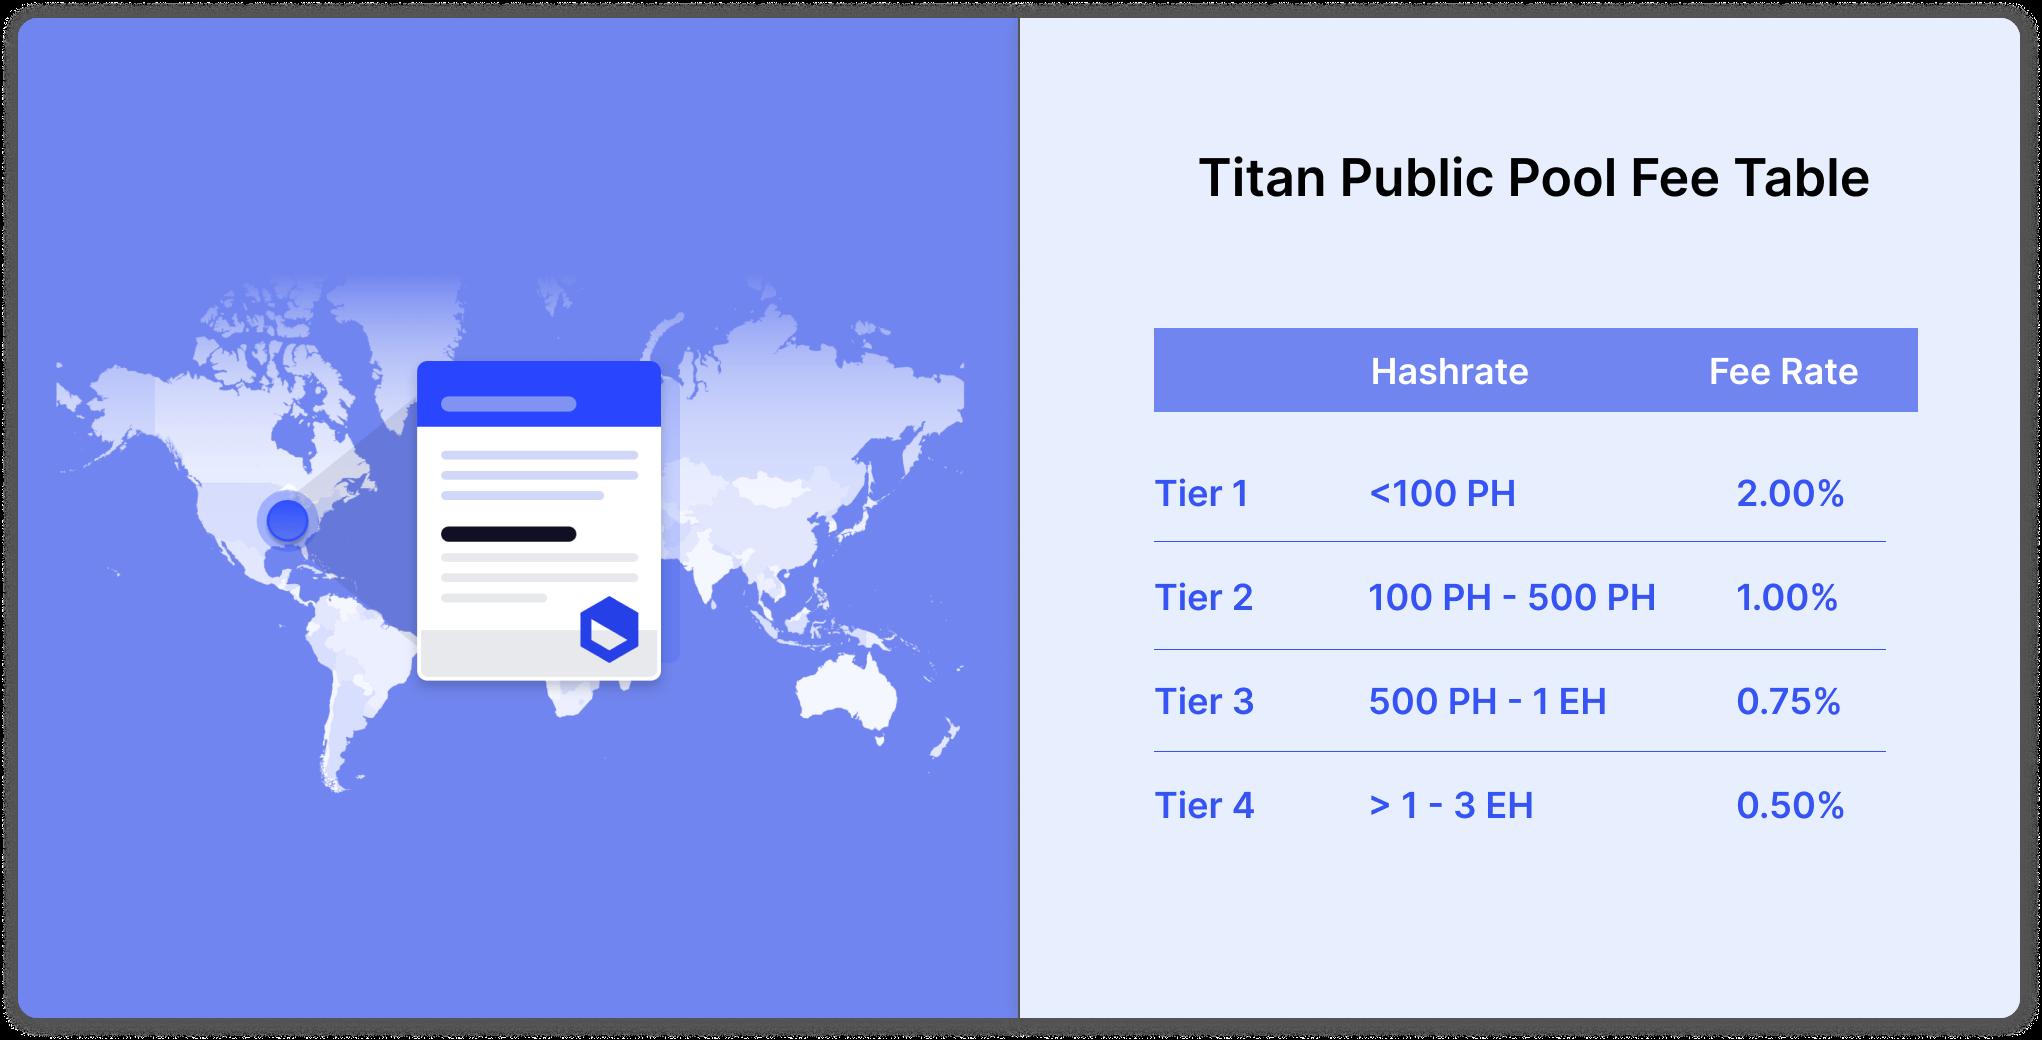 Titan pool fees list